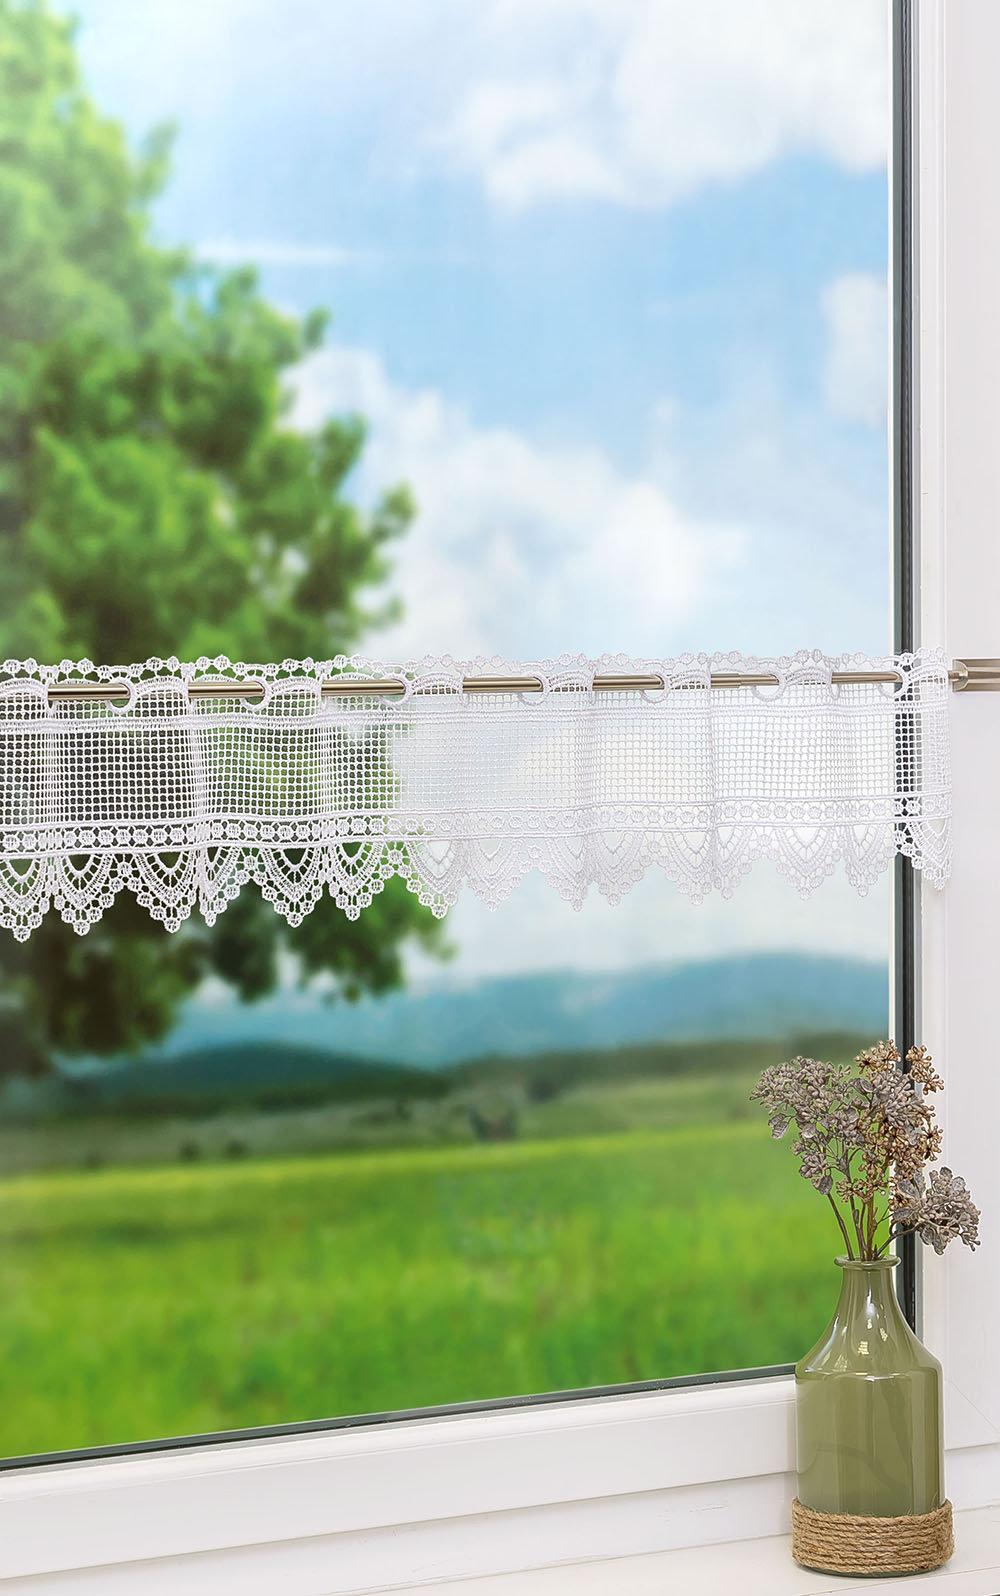 Full Size of Scheibengardine Industrial Scheibengardinen Fensterdekoration Mit Bistrogardinen Im Esstisch Küche Wohnzimmer Scheibengardine Industrial